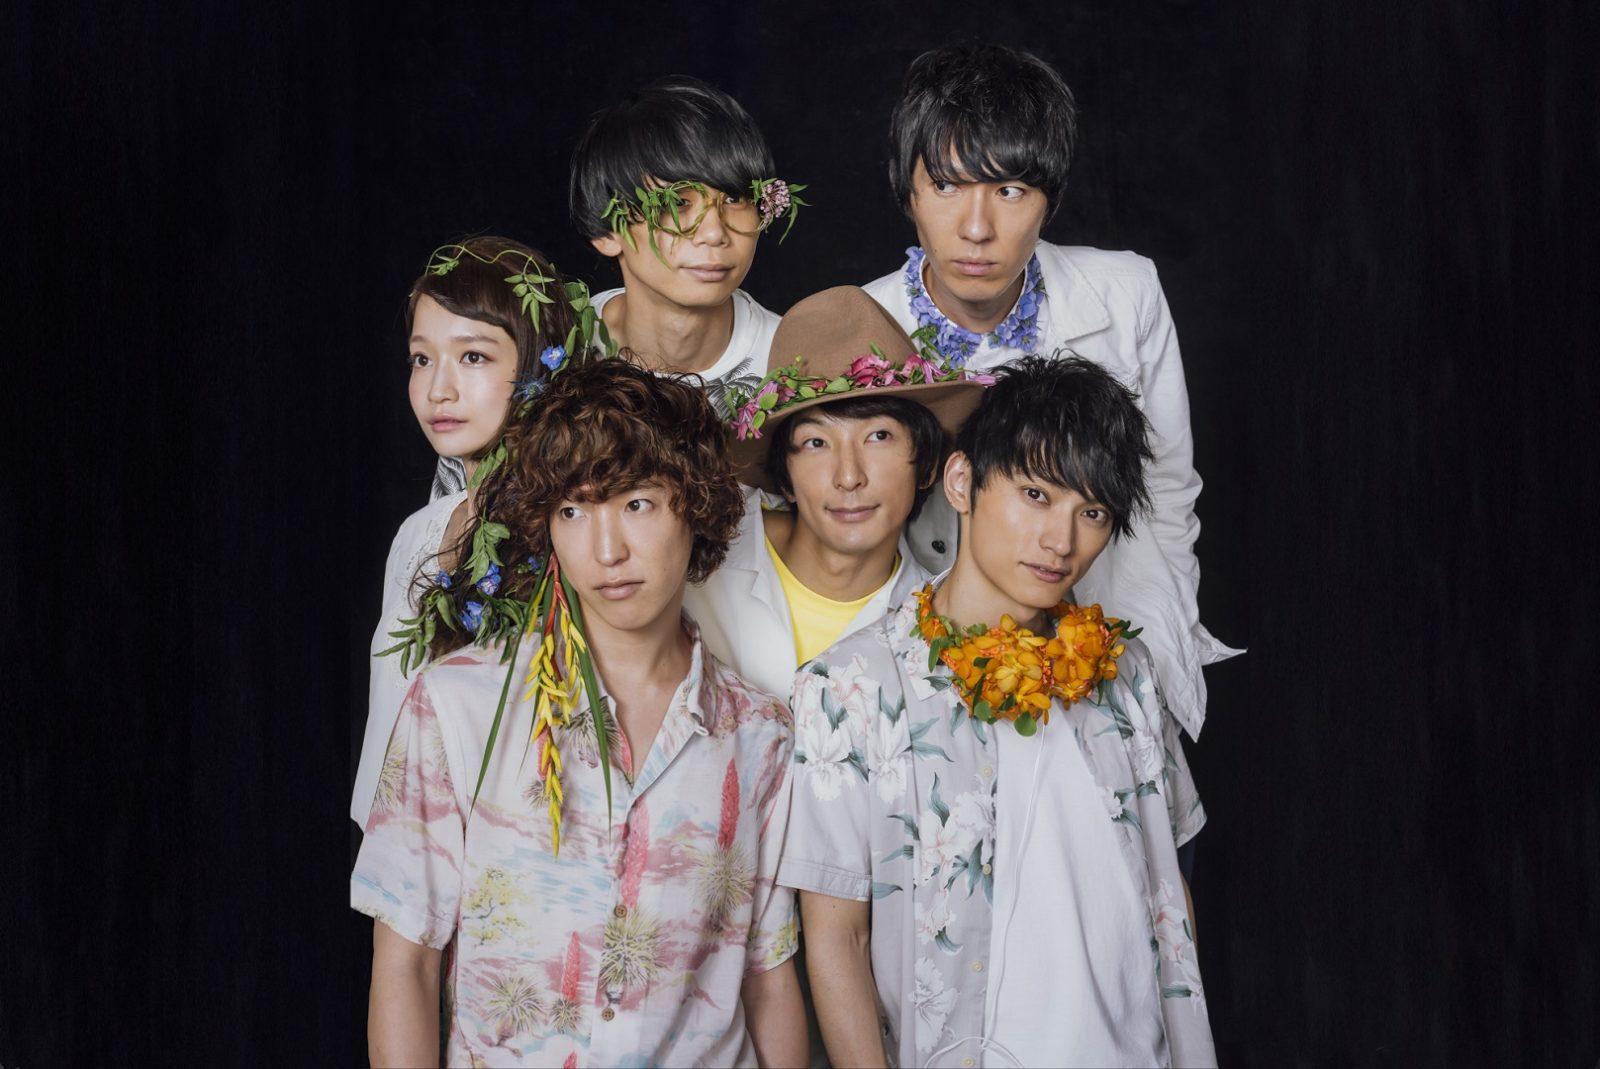 Czecho No Republic × SKY-HI、新境地コライトシングル「タイムトラベリング」が9月27日にリリース決定!サムネイル画像